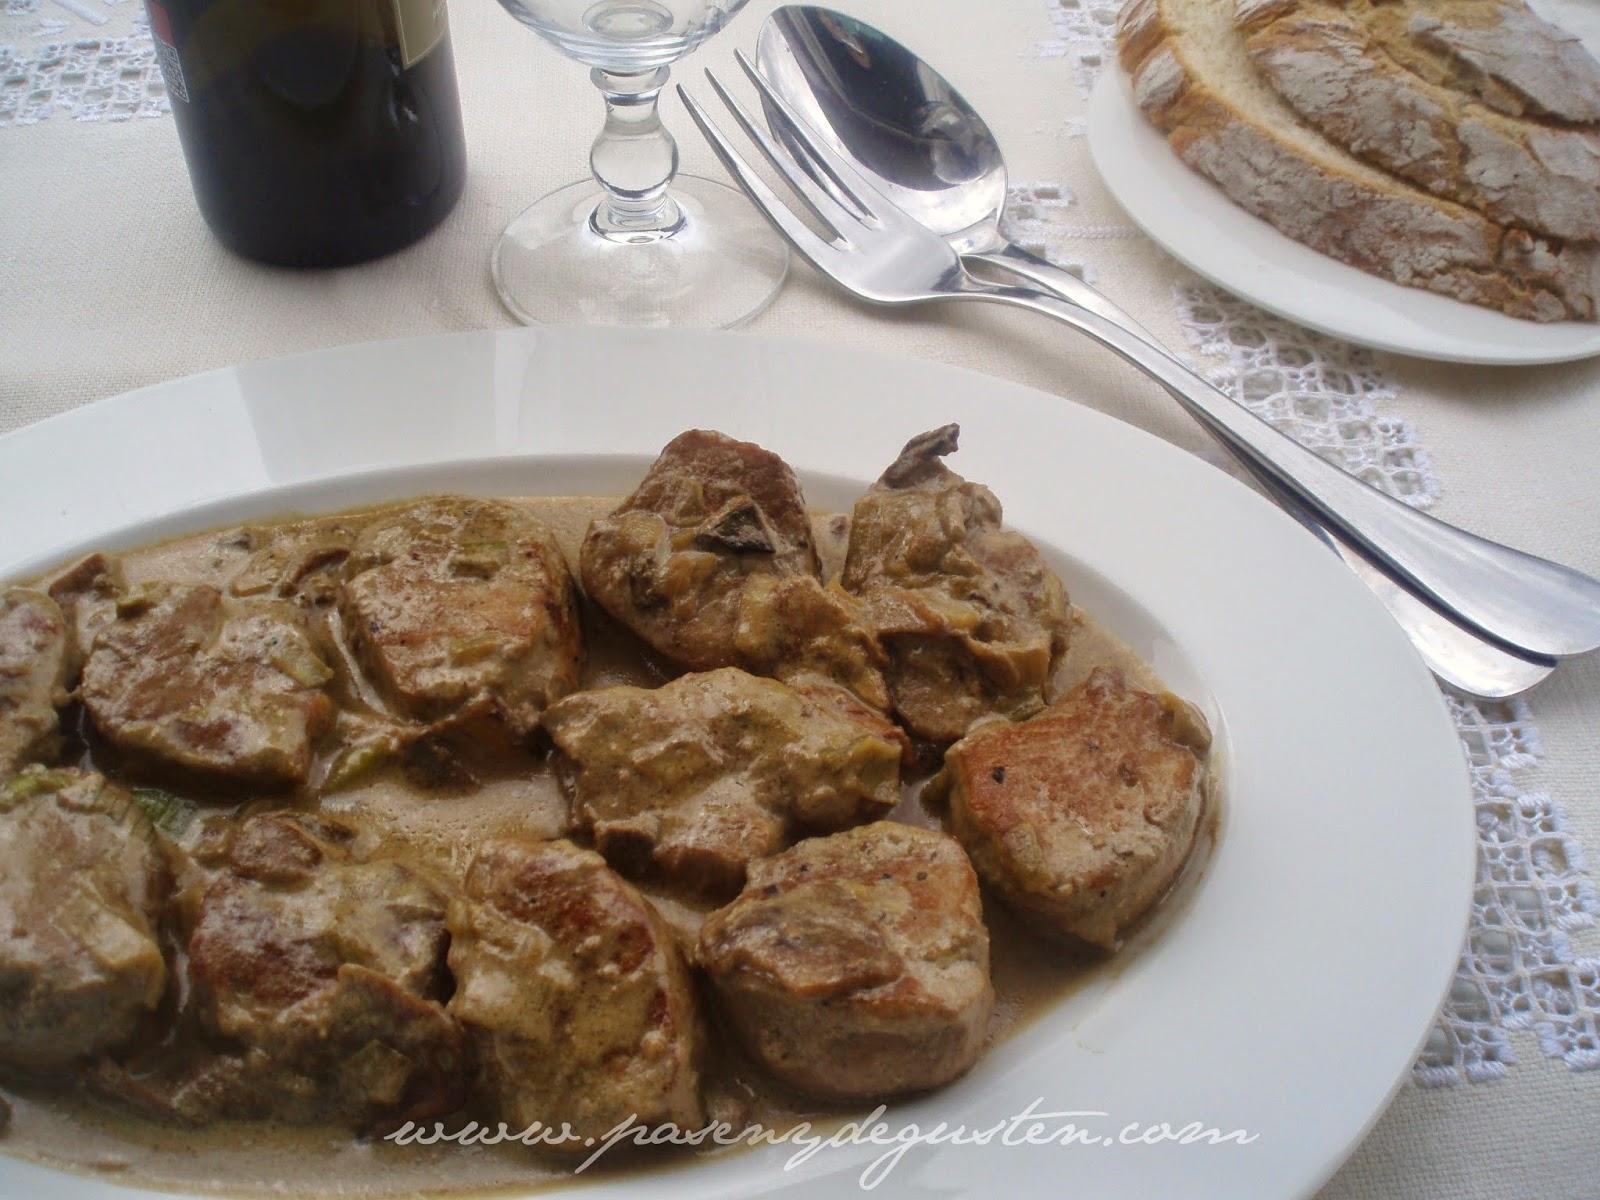 Pasen Y Degusten Solomillo De Cerdo Con Salsa De Boletus